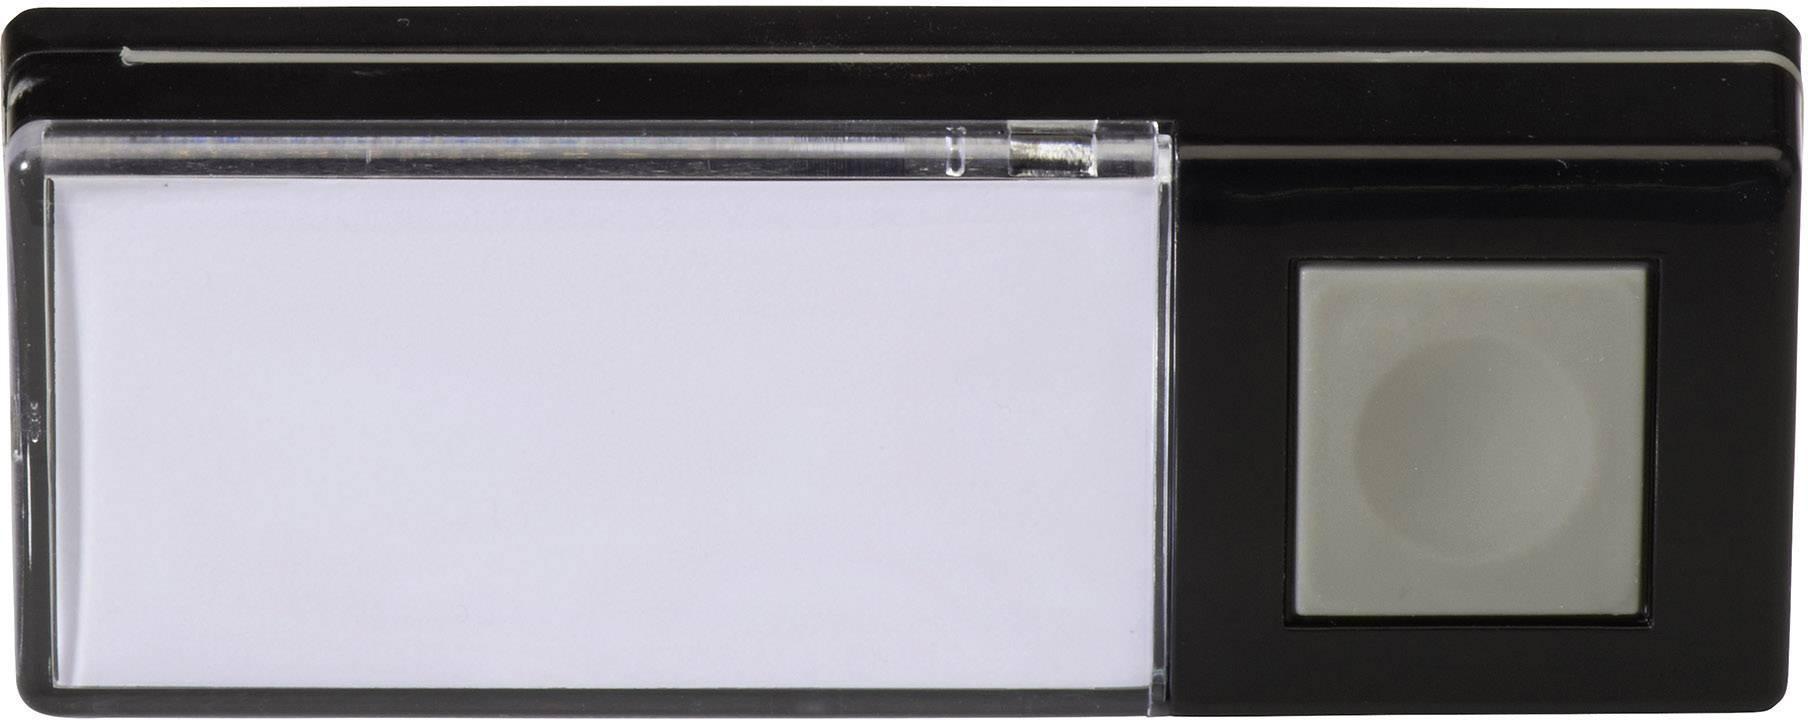 Bezdrôtový zvonček Heidemann HX 70883, vysielač, max. dosah 200 m, čierna